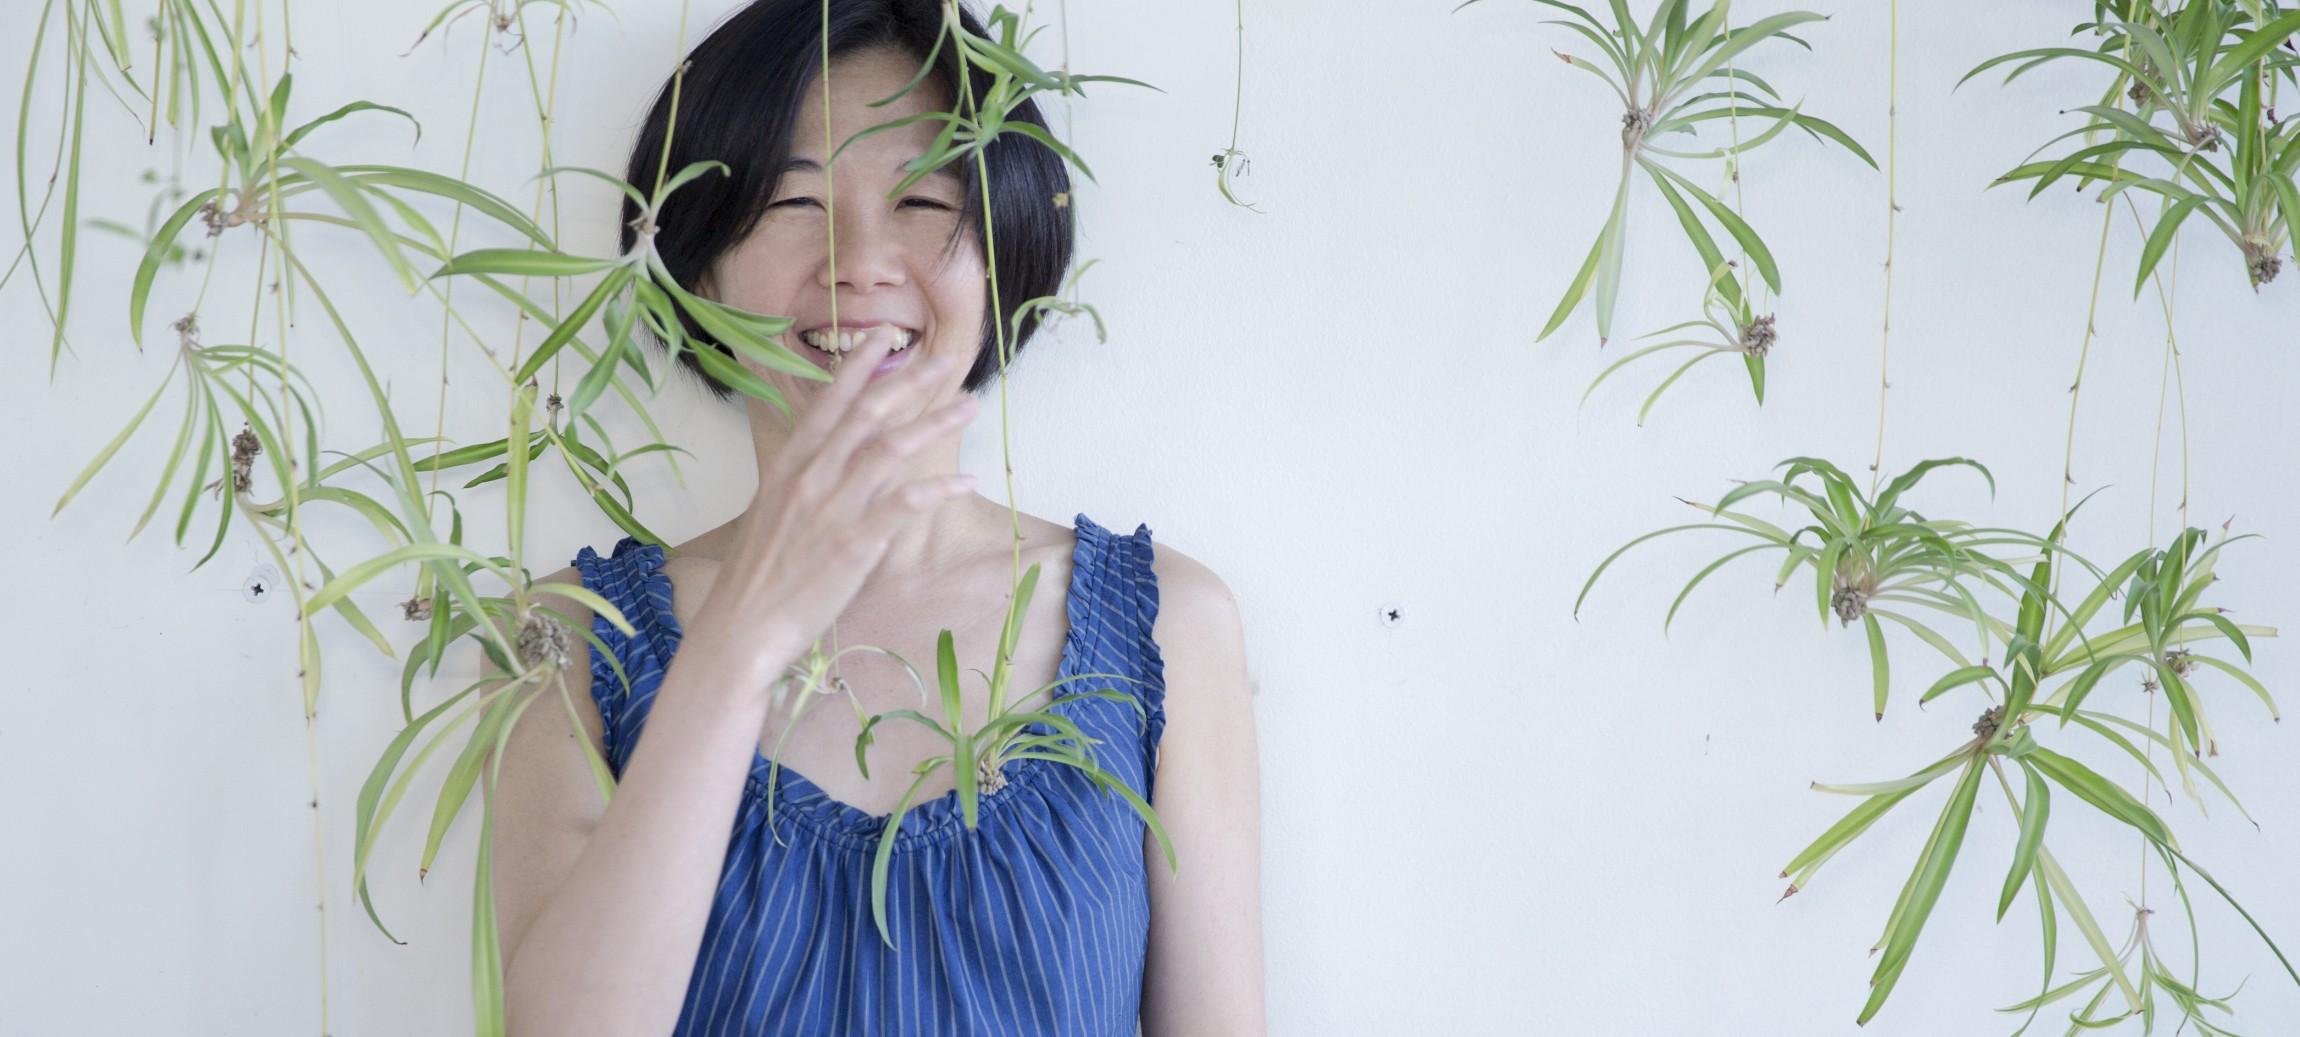 Ling-Wen Tsai